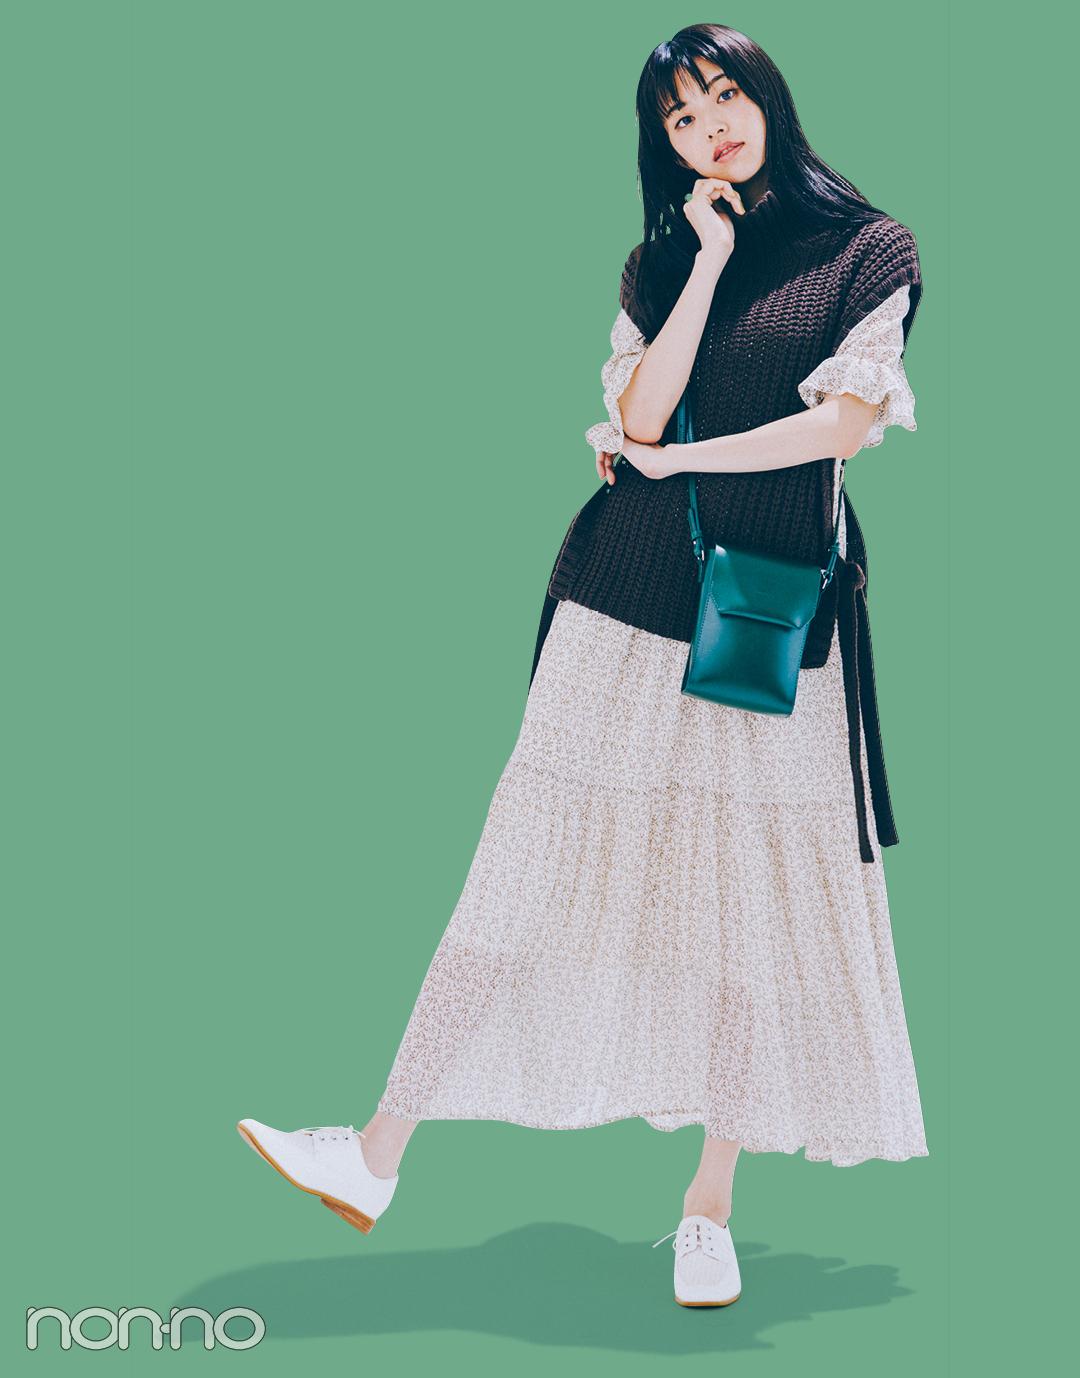 「レディースフリー」の視点でメンズ服を取り入れる! 【ファッションはもっとフリーになる】_1_2